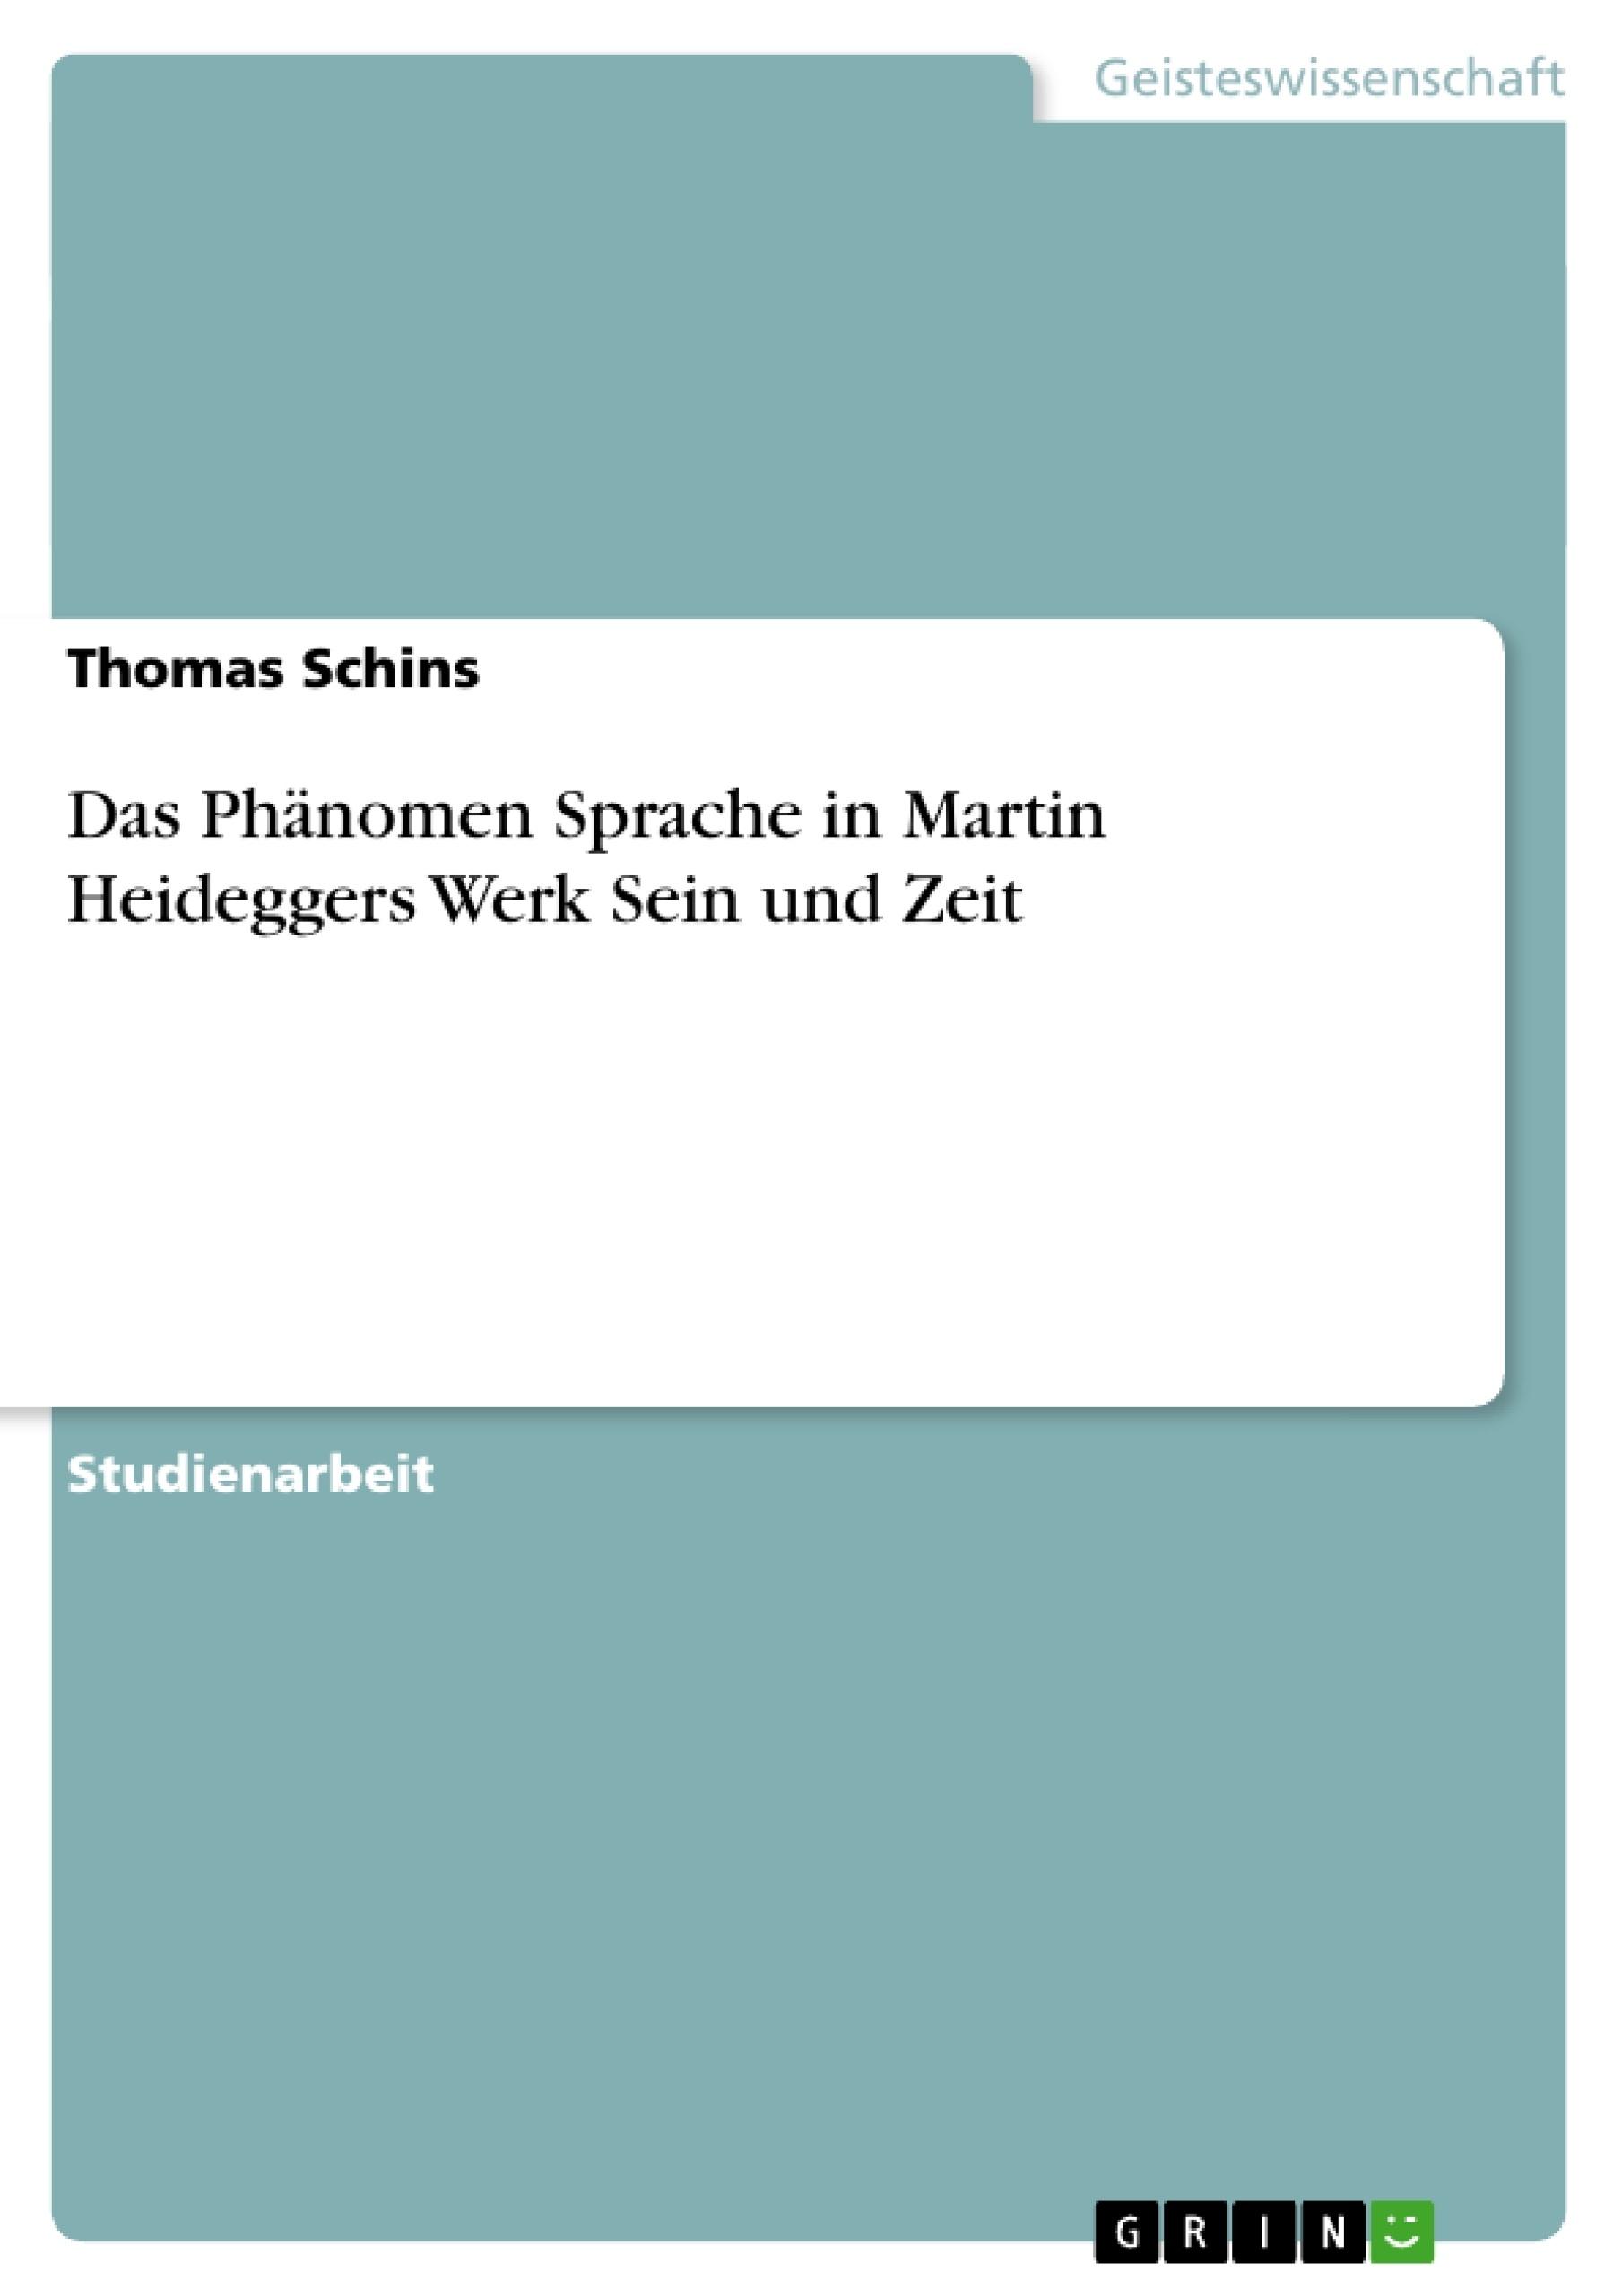 Titel: Das Phänomen Sprache in Martin Heideggers Werk Sein und Zeit